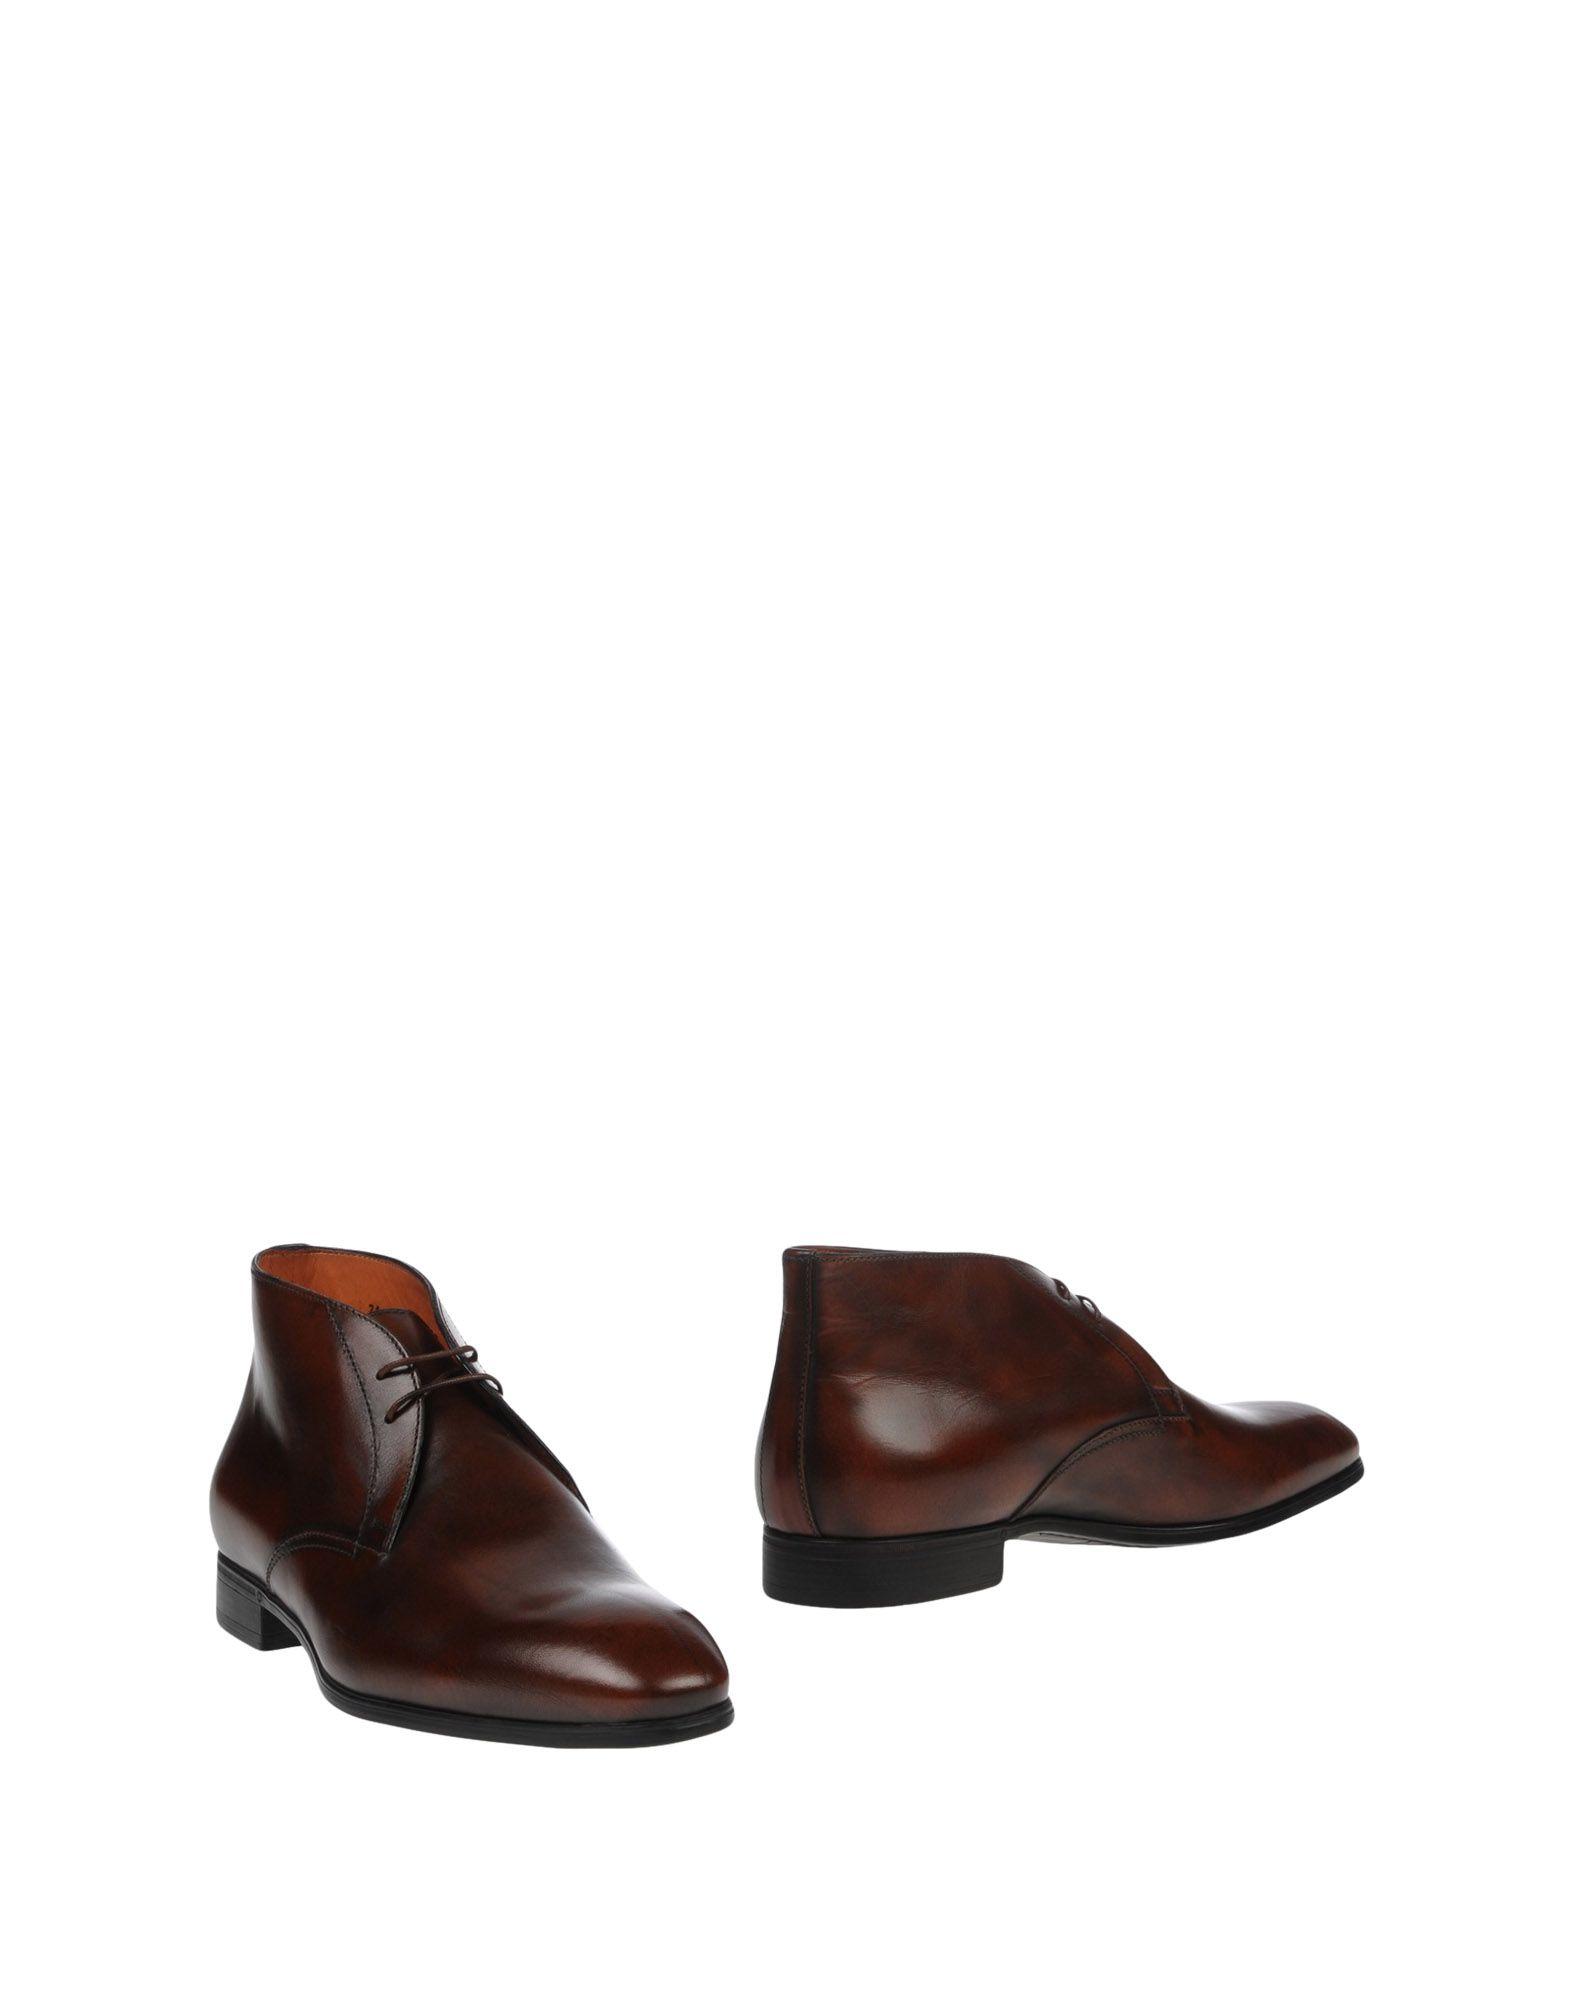 Santoni Stiefelette Qualität Herren  11418857GA Gute Qualität Stiefelette beliebte Schuhe 0d0c8c